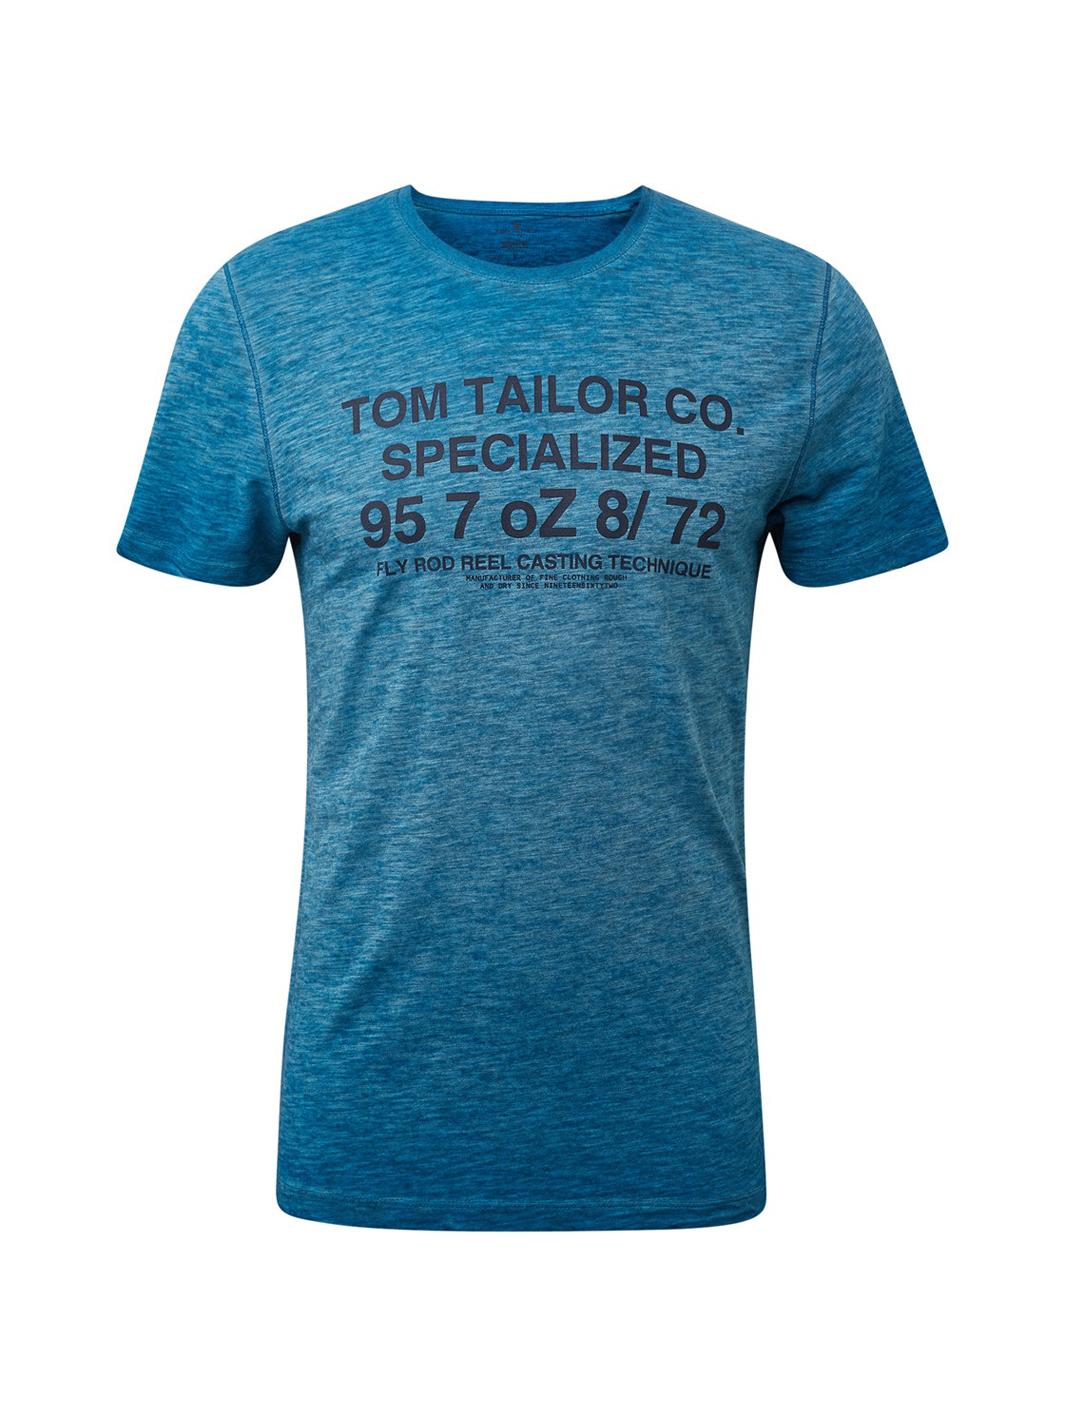 Tom Tailor Shirt mit Schriftzug